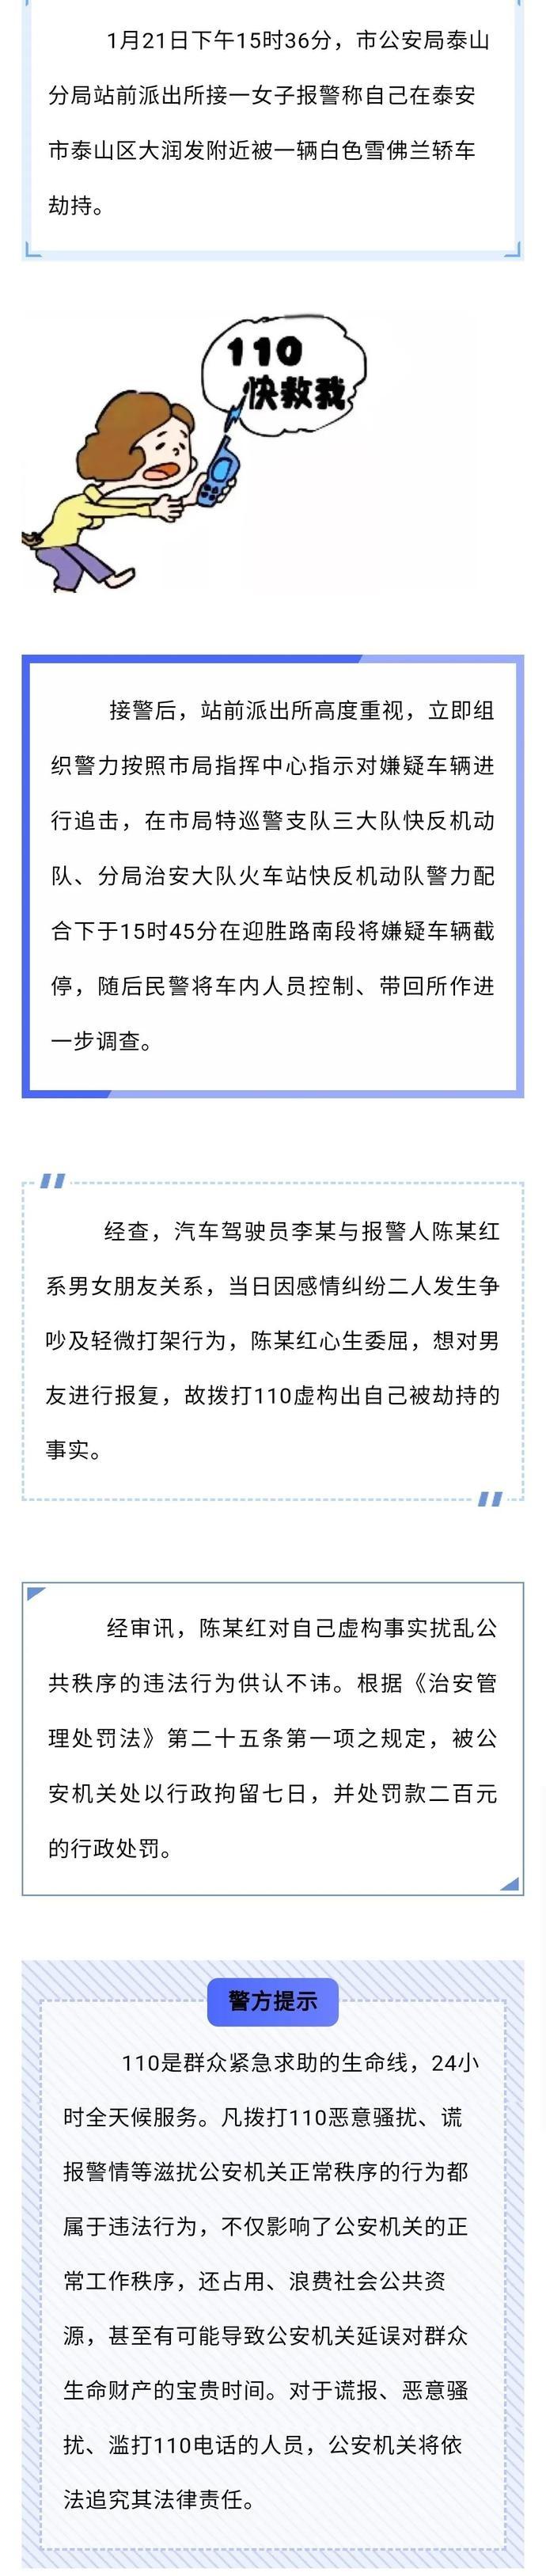 女子为泄私愤谎报警情,泰安警方严肃处理:拘留+罚款!!